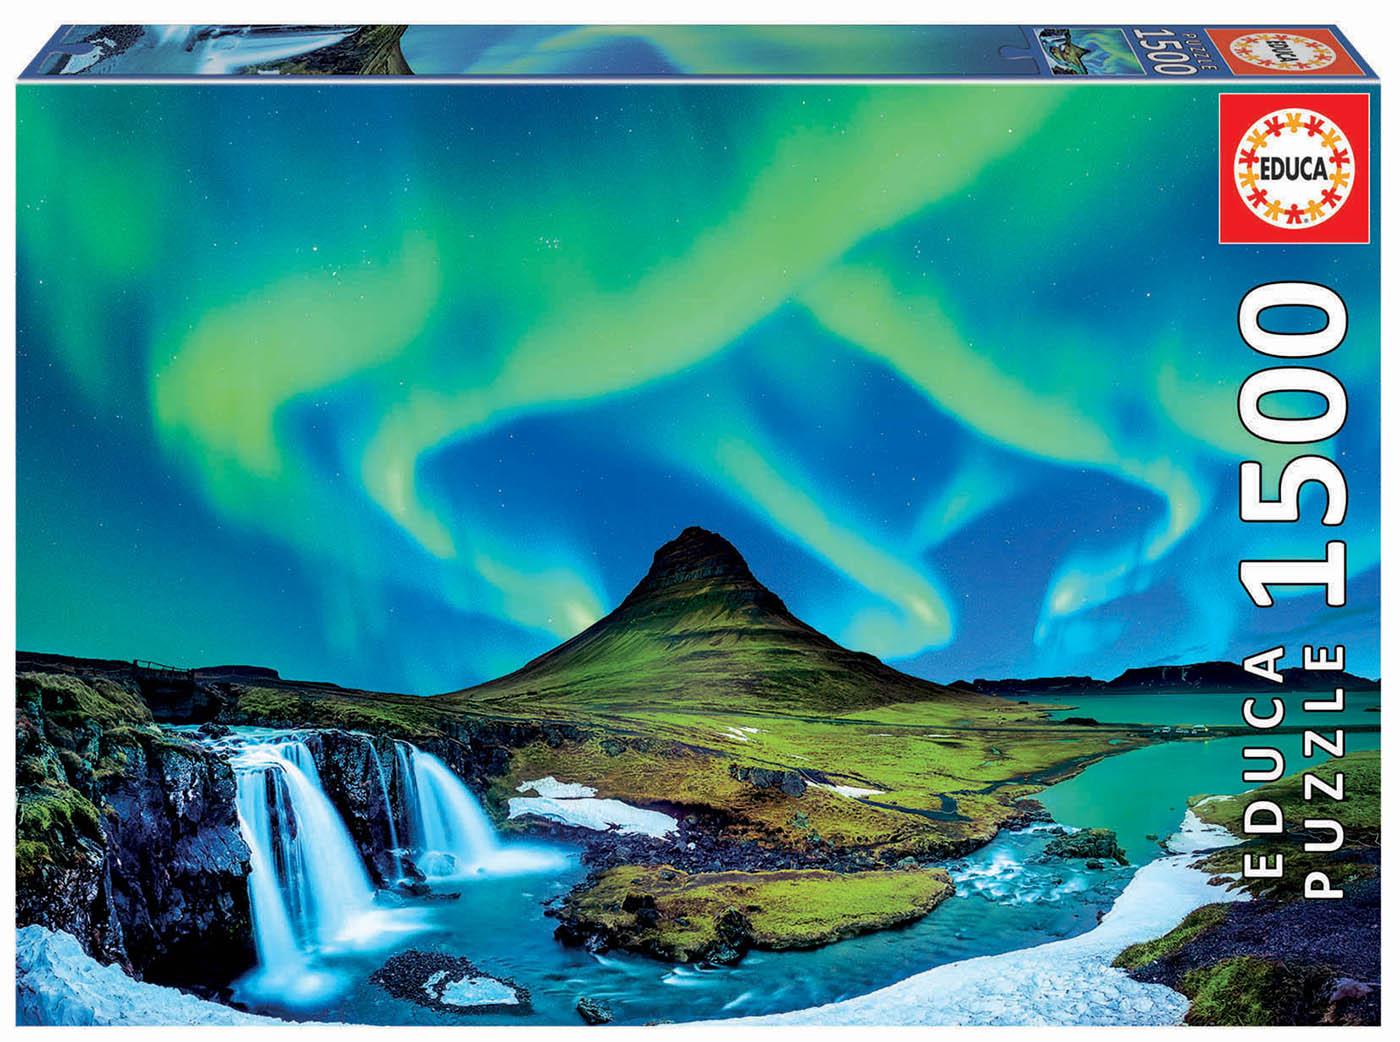 1500 Aurore boréale, Islande